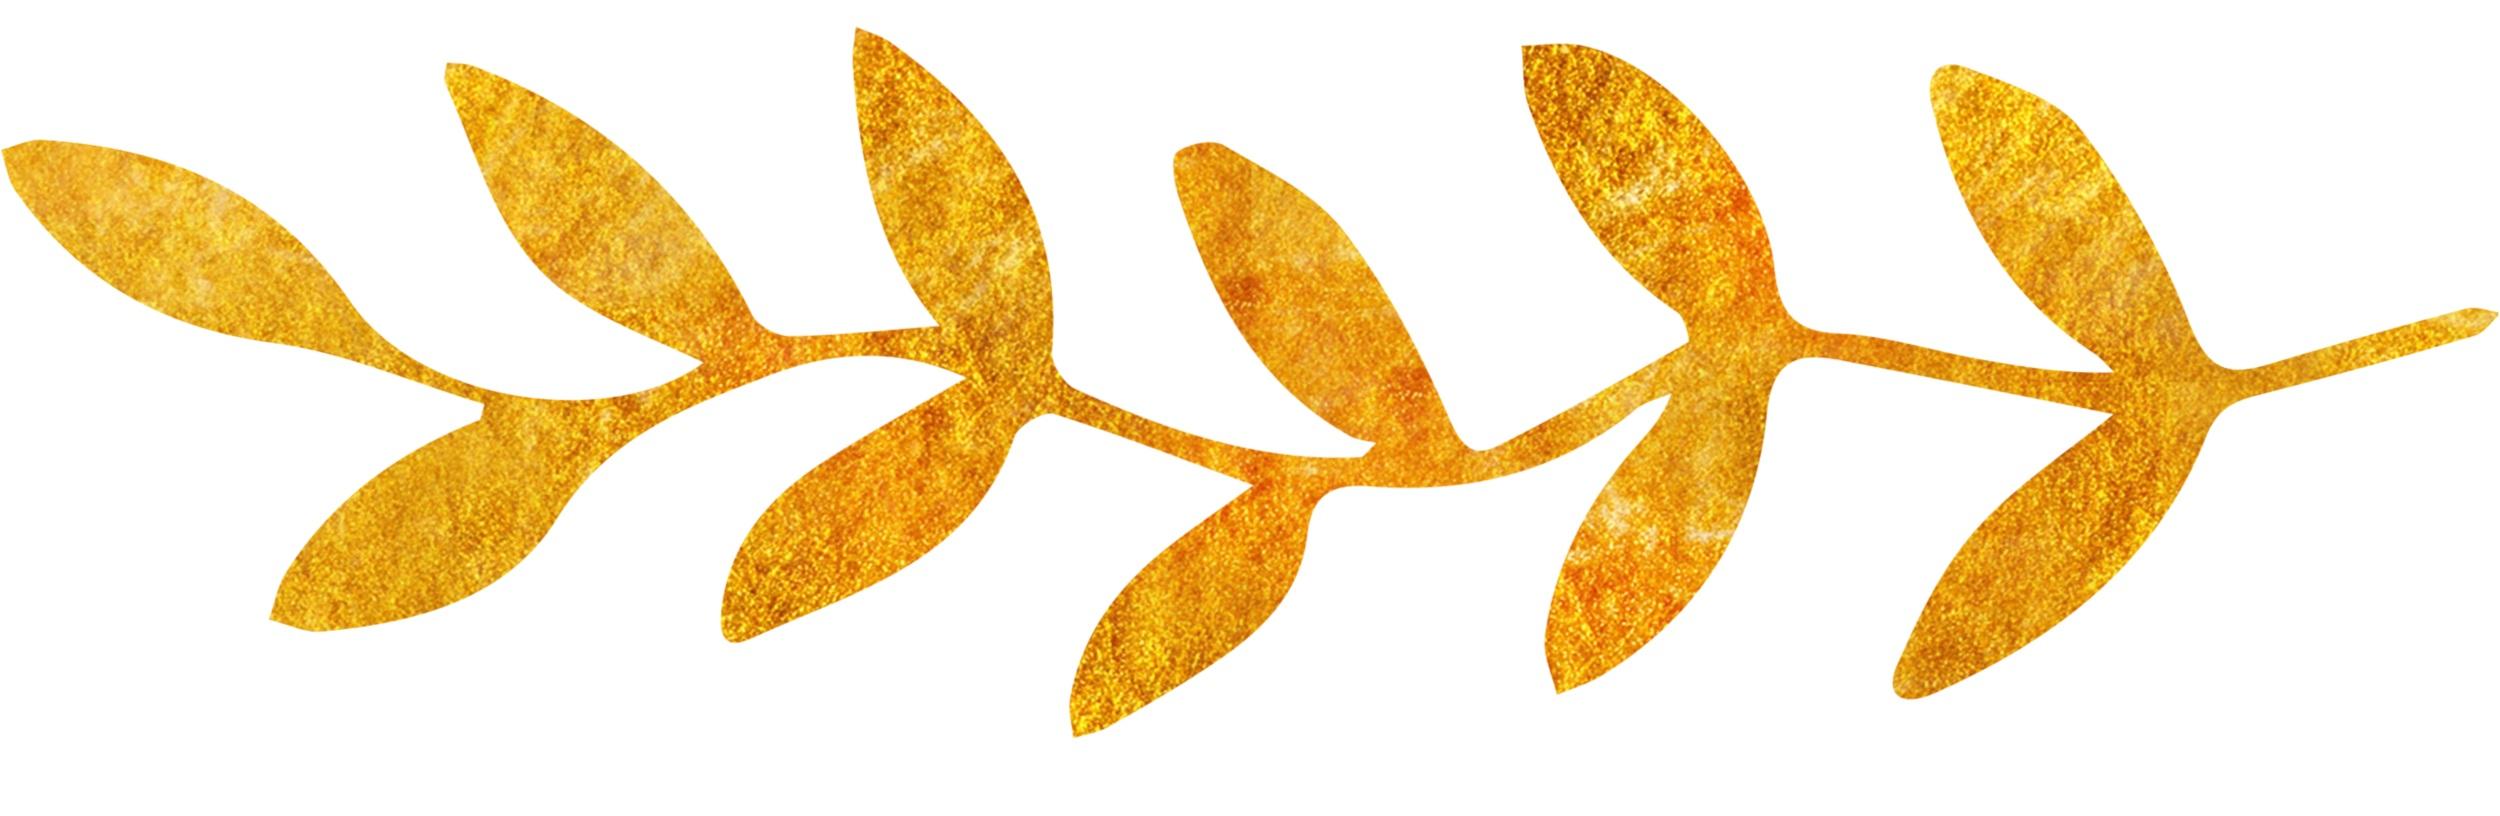 Gold_floral_element_9.jpg